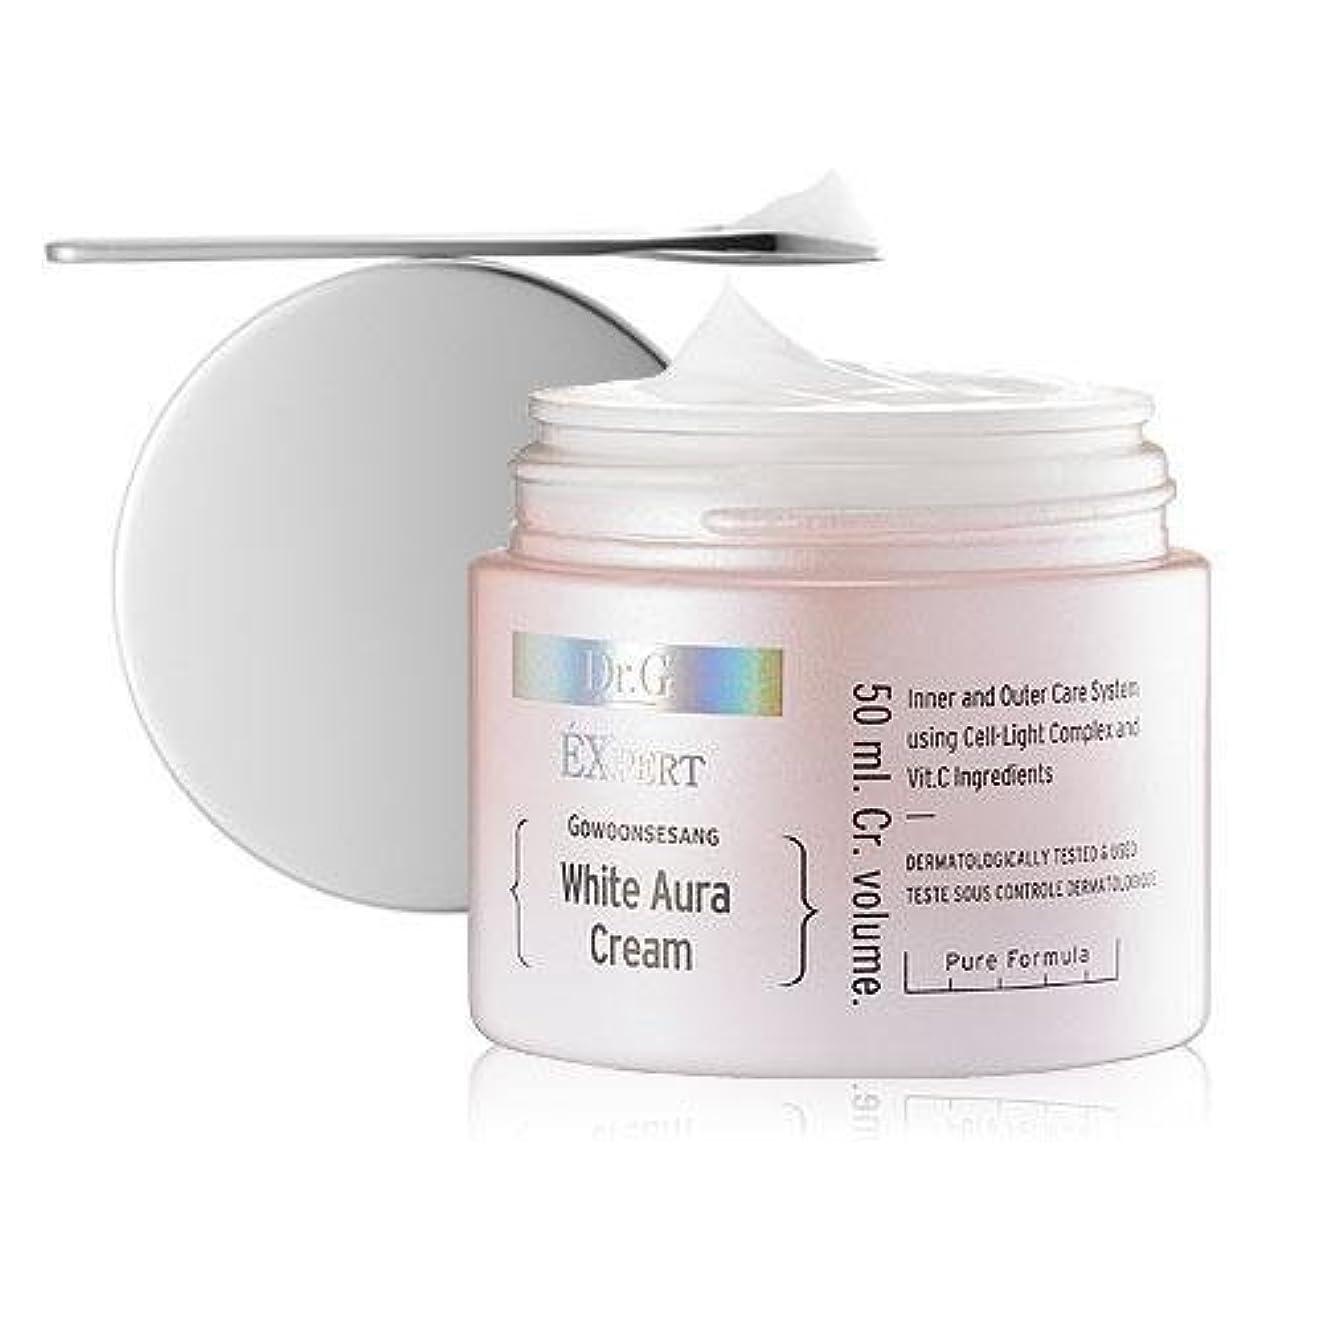 収束する暴露する熟読Goeunsesnag White Aura Cream/ Made in Korea